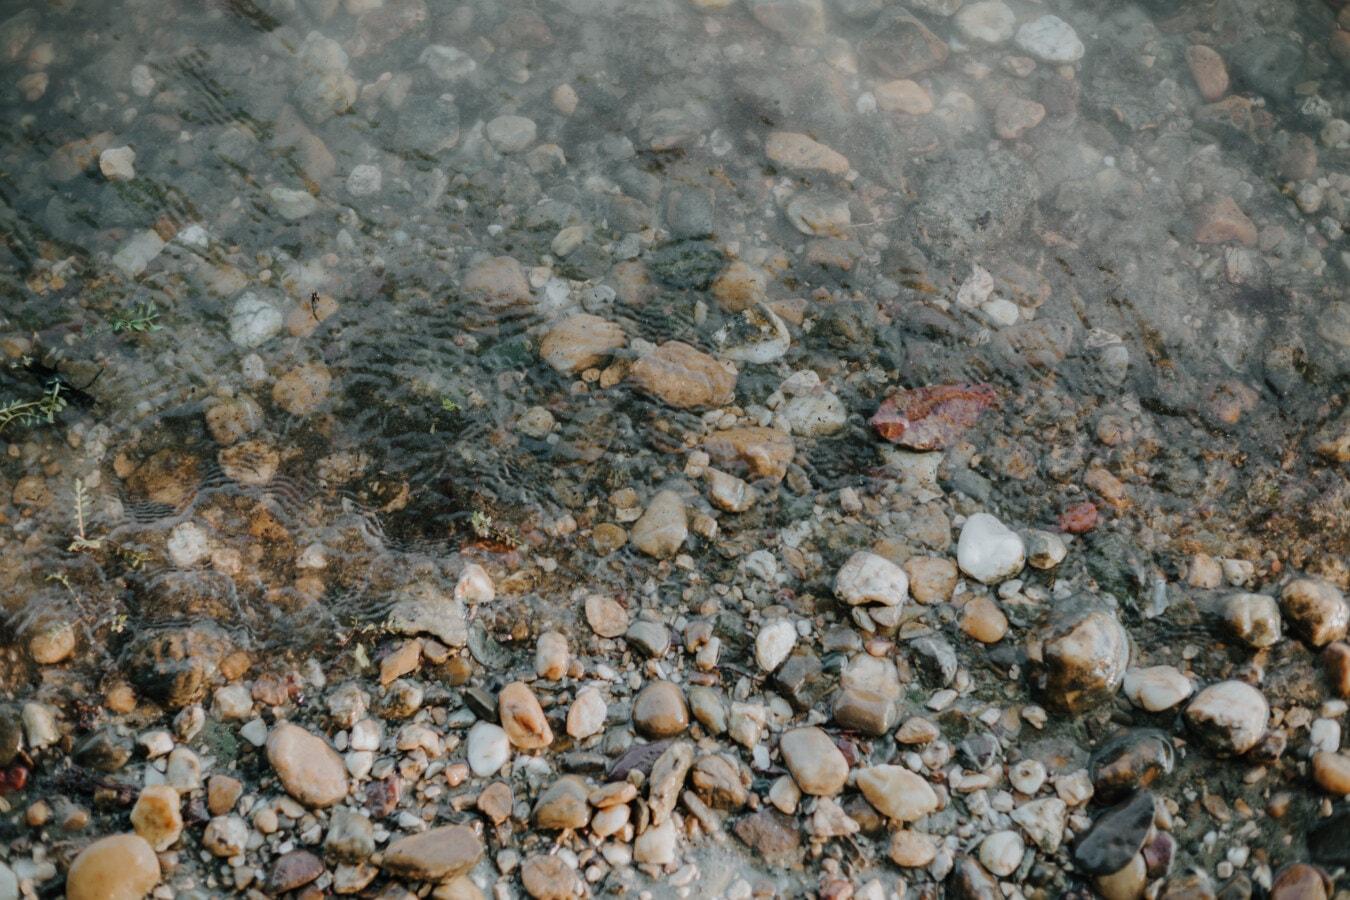 cailloux, lit de la rivière, pierres, berge, texture, Pierre, Roche, surface, modèle, gris